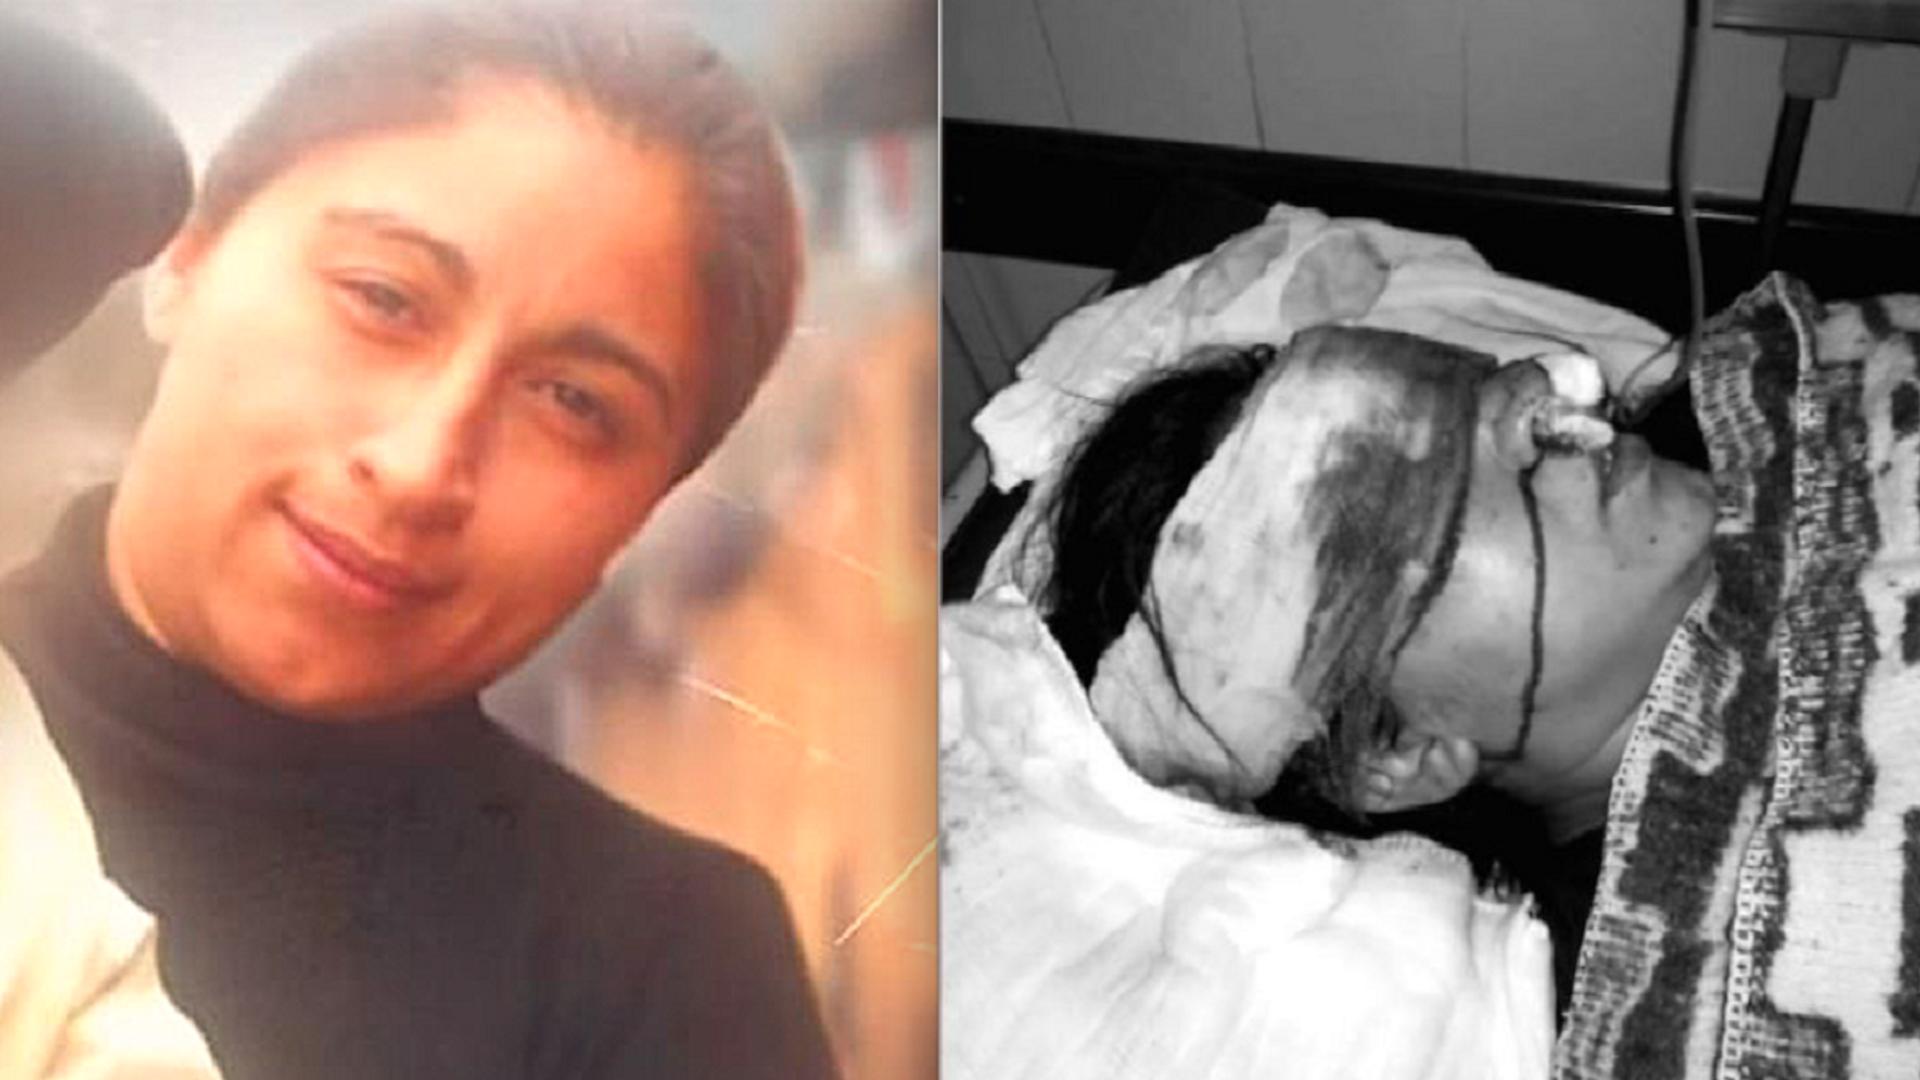 Fabiola Campillai Rojas, impactada en el rostro por una bomba lacrimógena arrojada por Carabineros - Sputnik Mundo, 1920, 14.06.2021